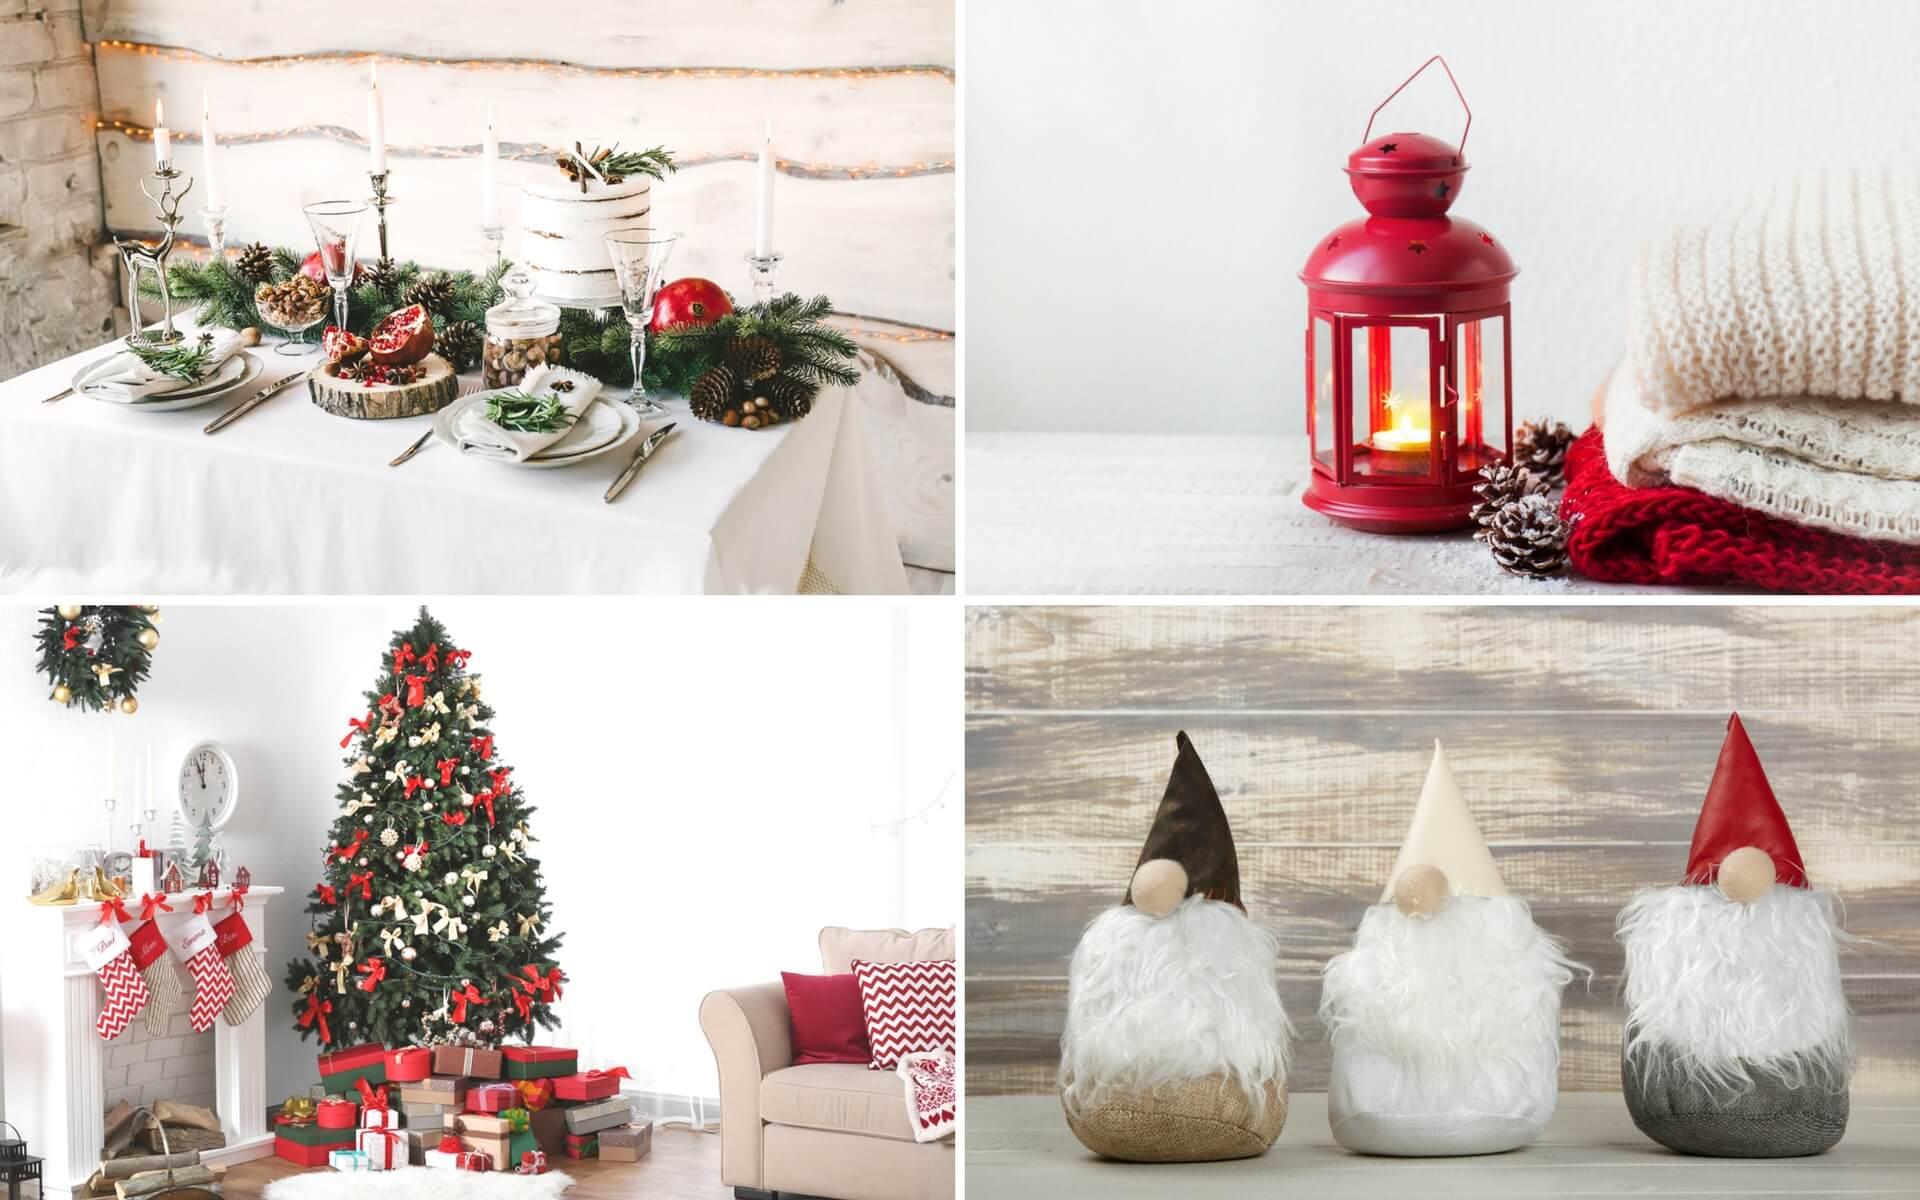 Addobbi Natalizi Esterni Casa.Come Addobbare Una Casa Per Natale Calici Di Vino Sottosopra With